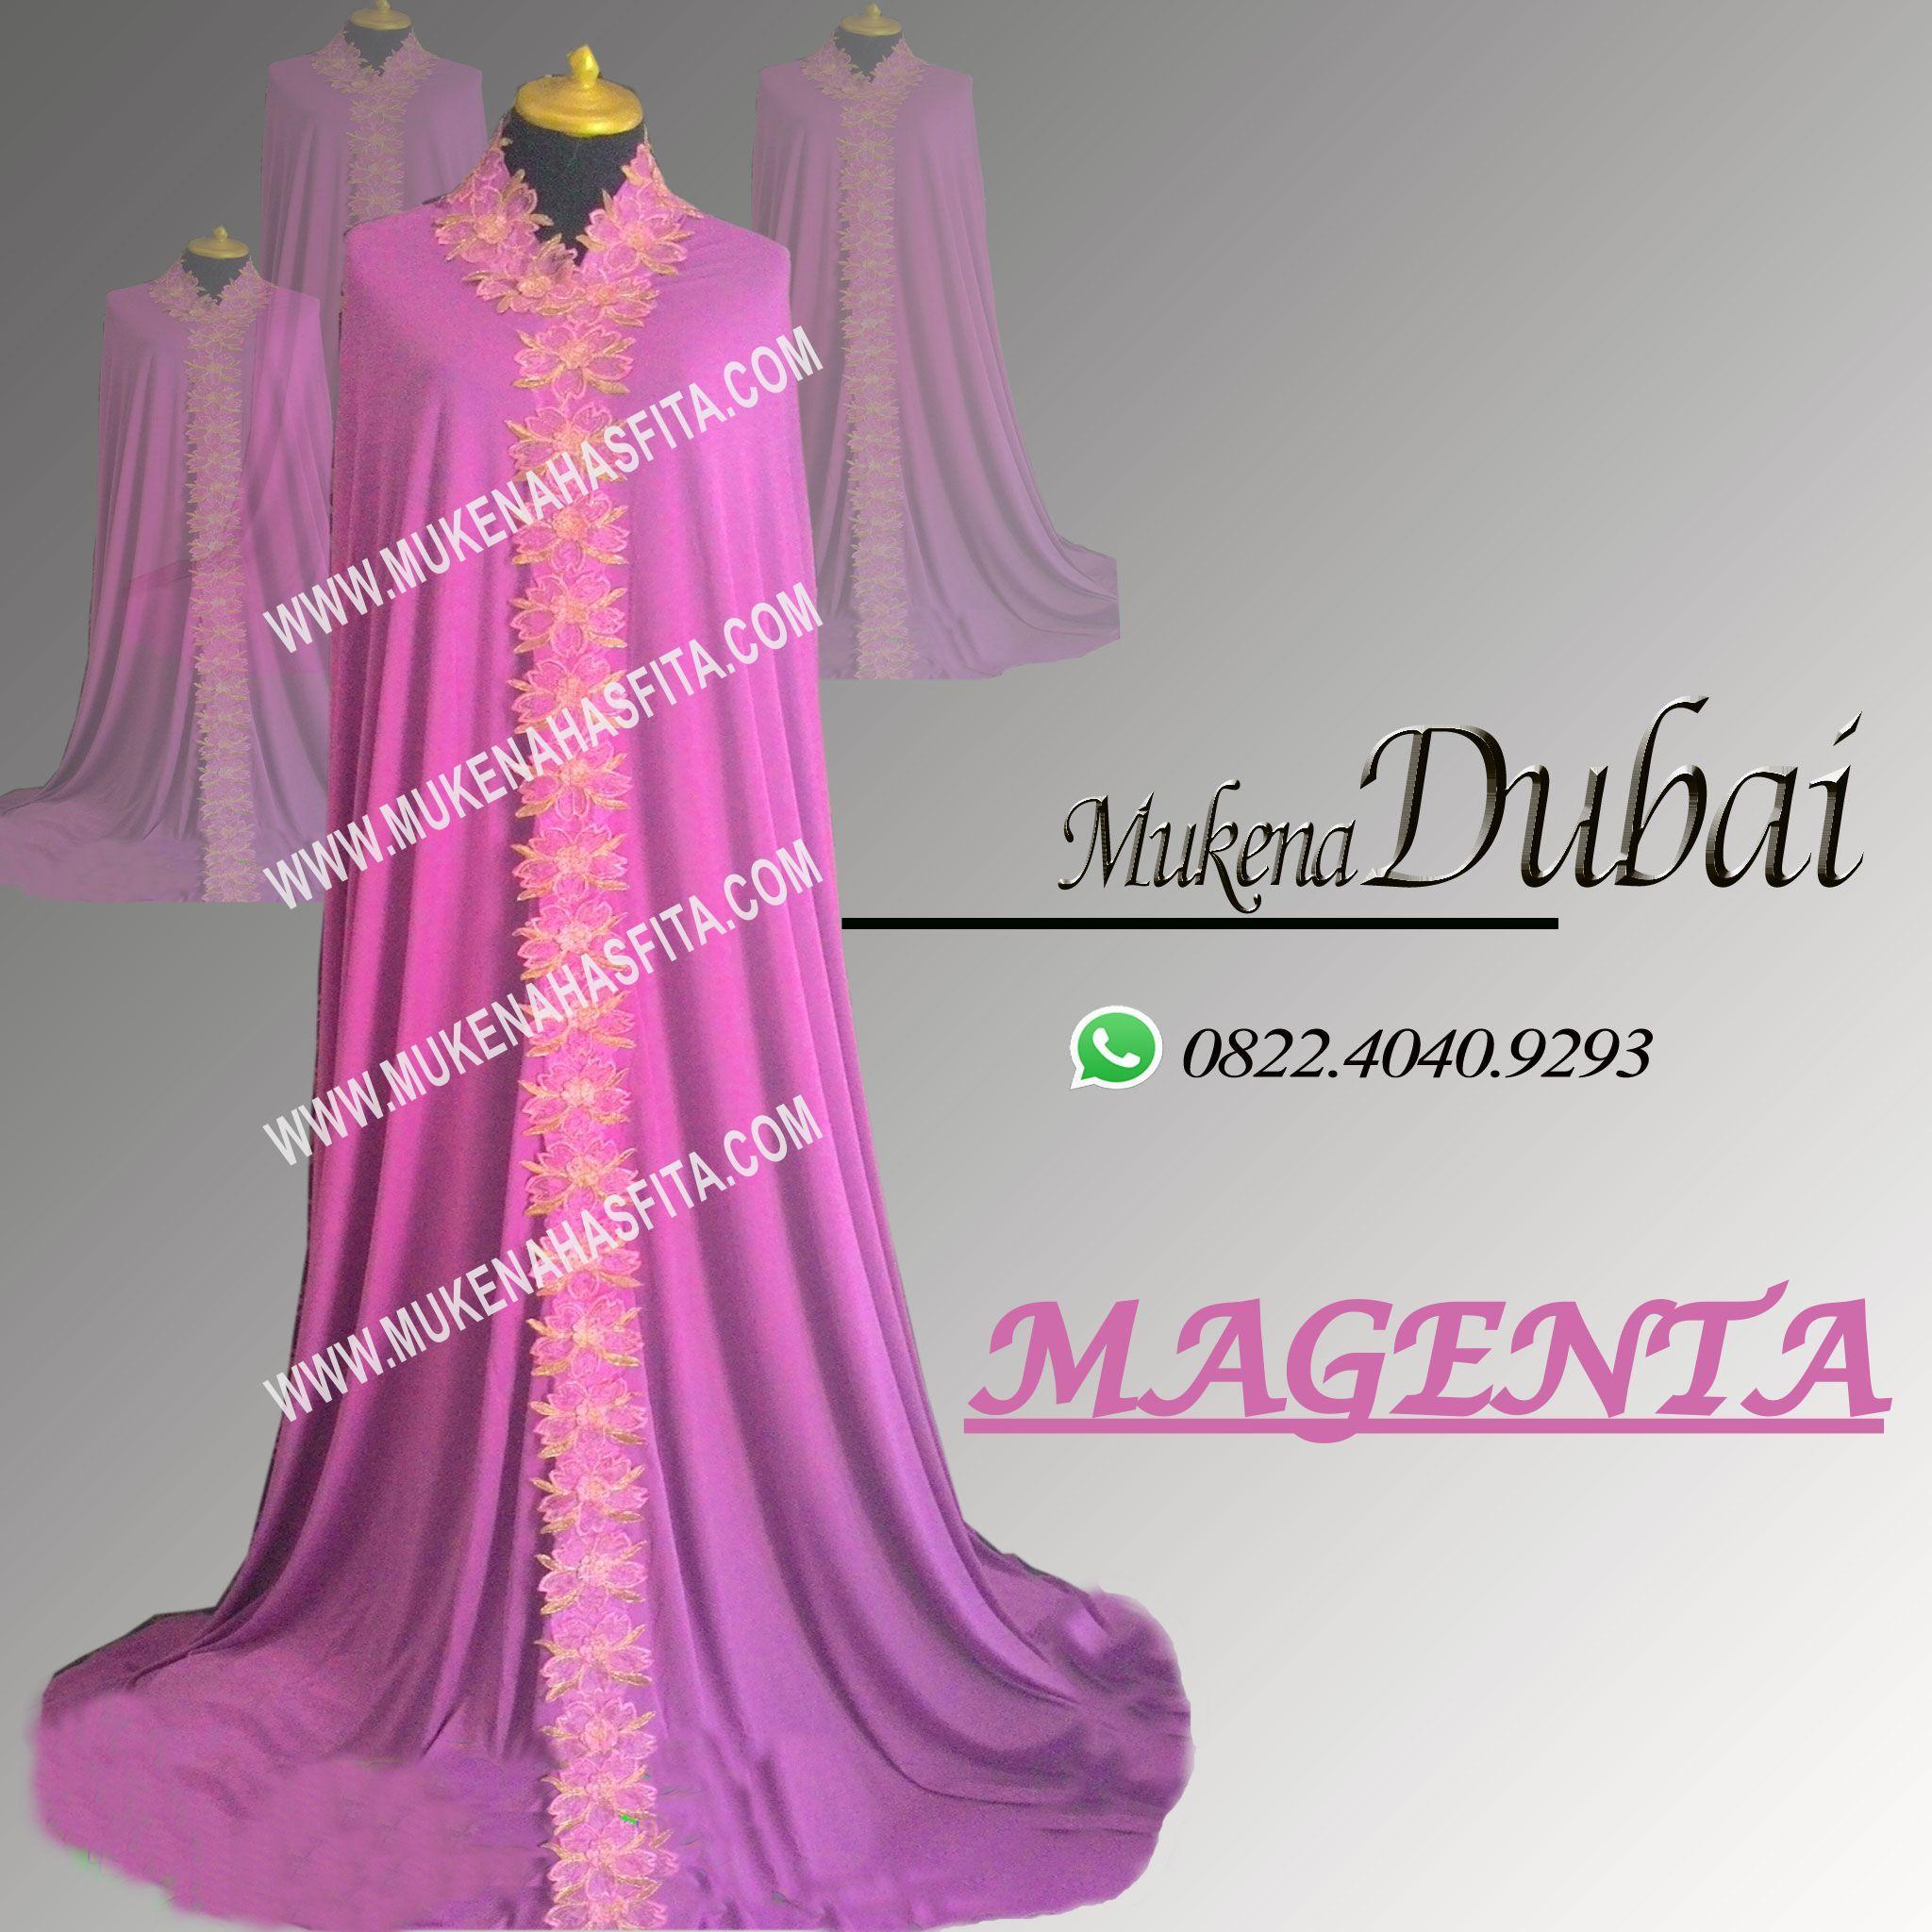 Mukena Anak Mukena Dubai Bordir Mukena Bordir Tasik Mukena Dubai